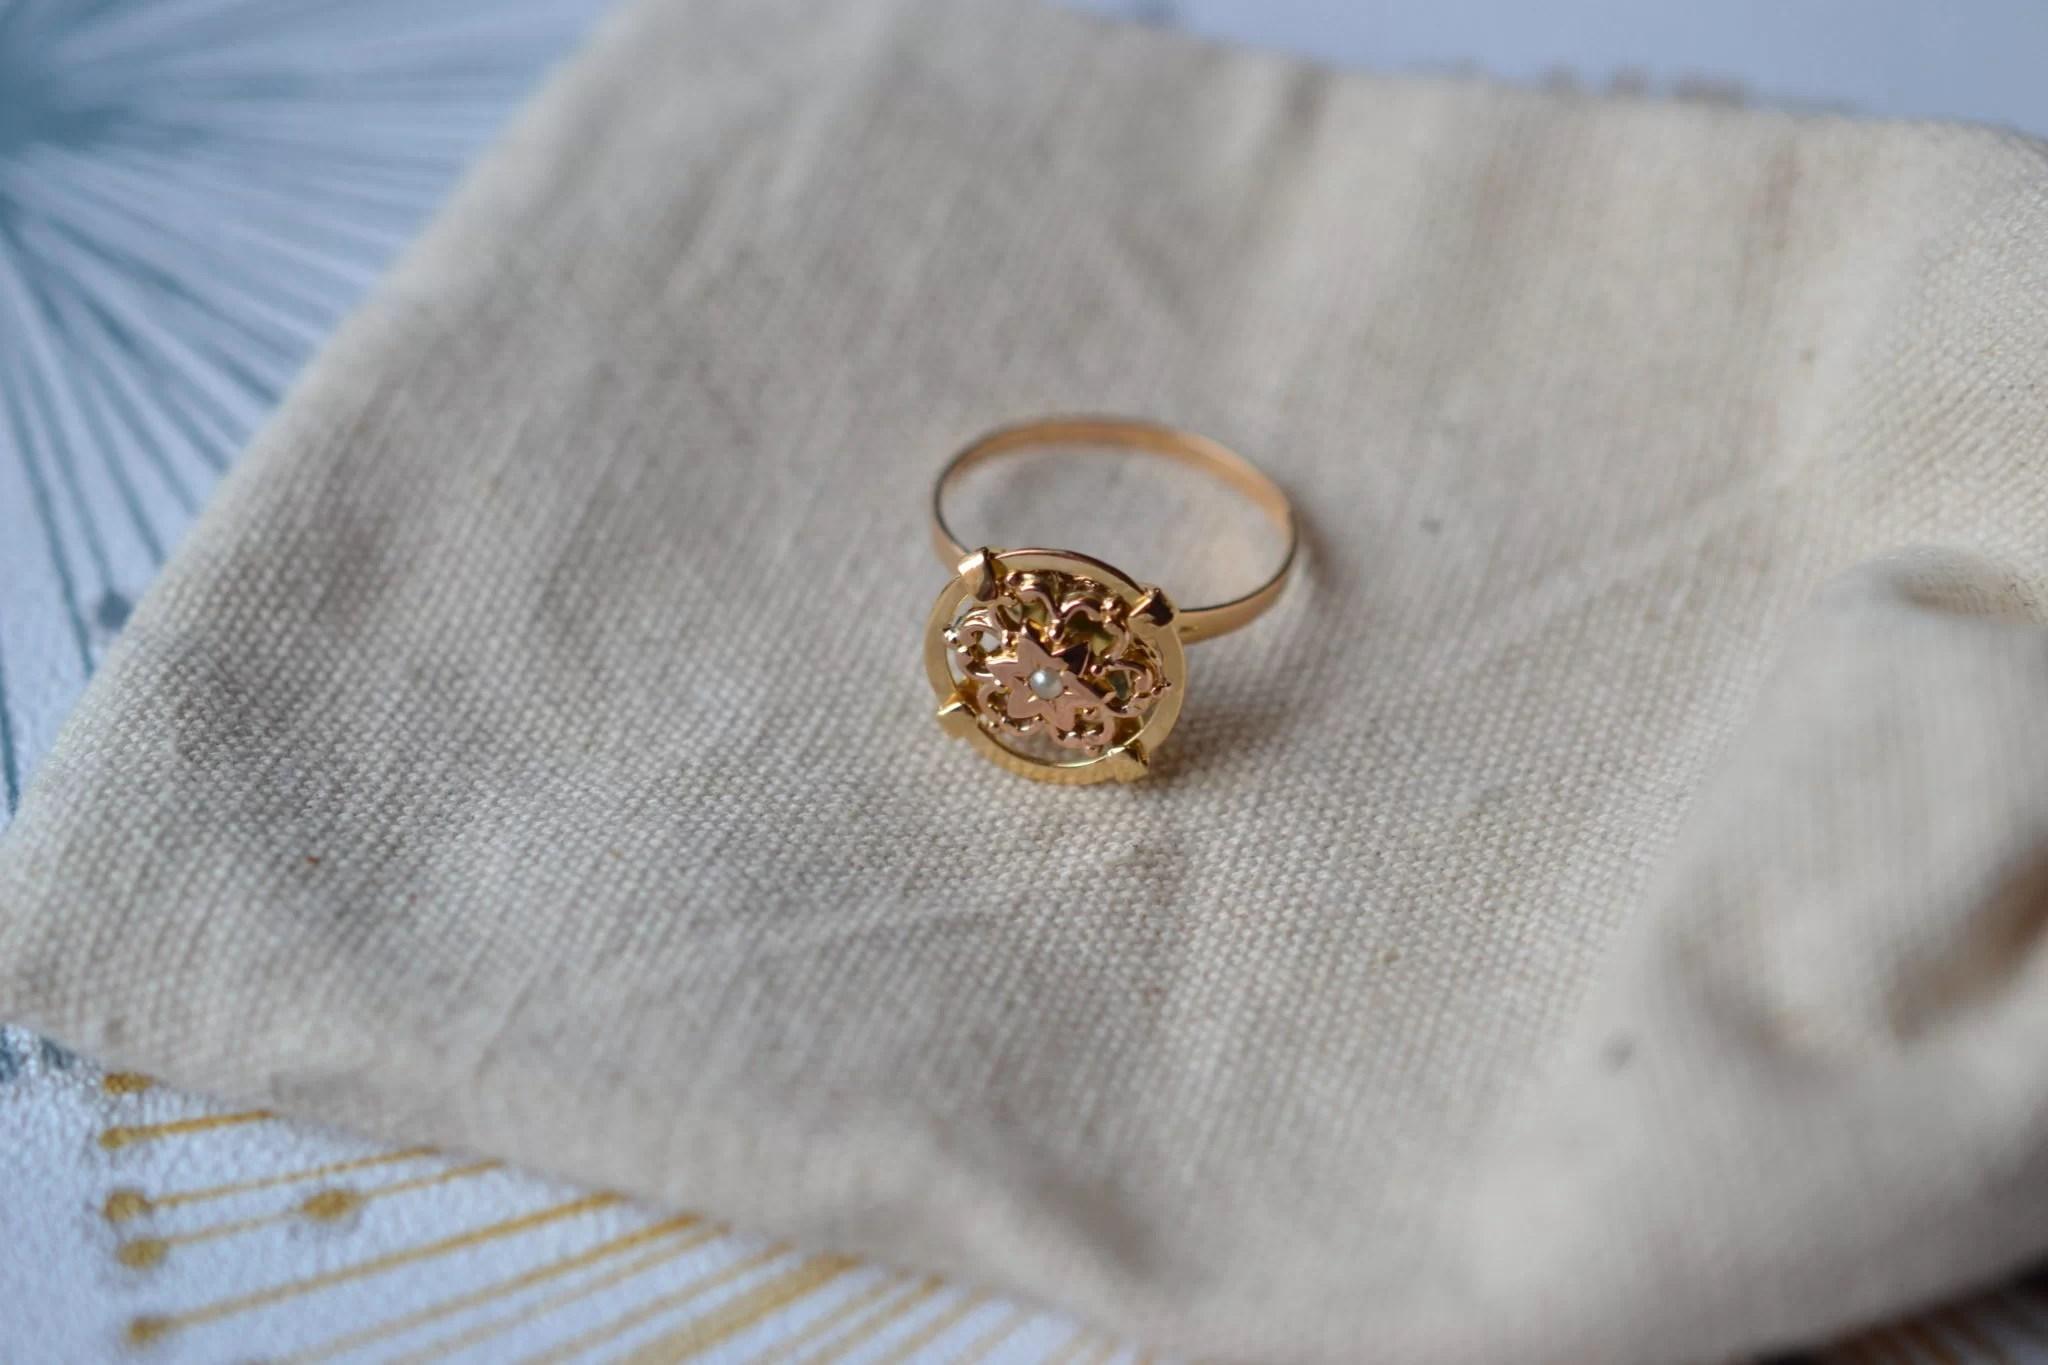 Bague En Or Jaune Ornée D_une Demi-perle De Culture Sur Un Plateau En Forme De Disque, Décoré D_un Motif Fleuri En Or Rose - Bague Rétro